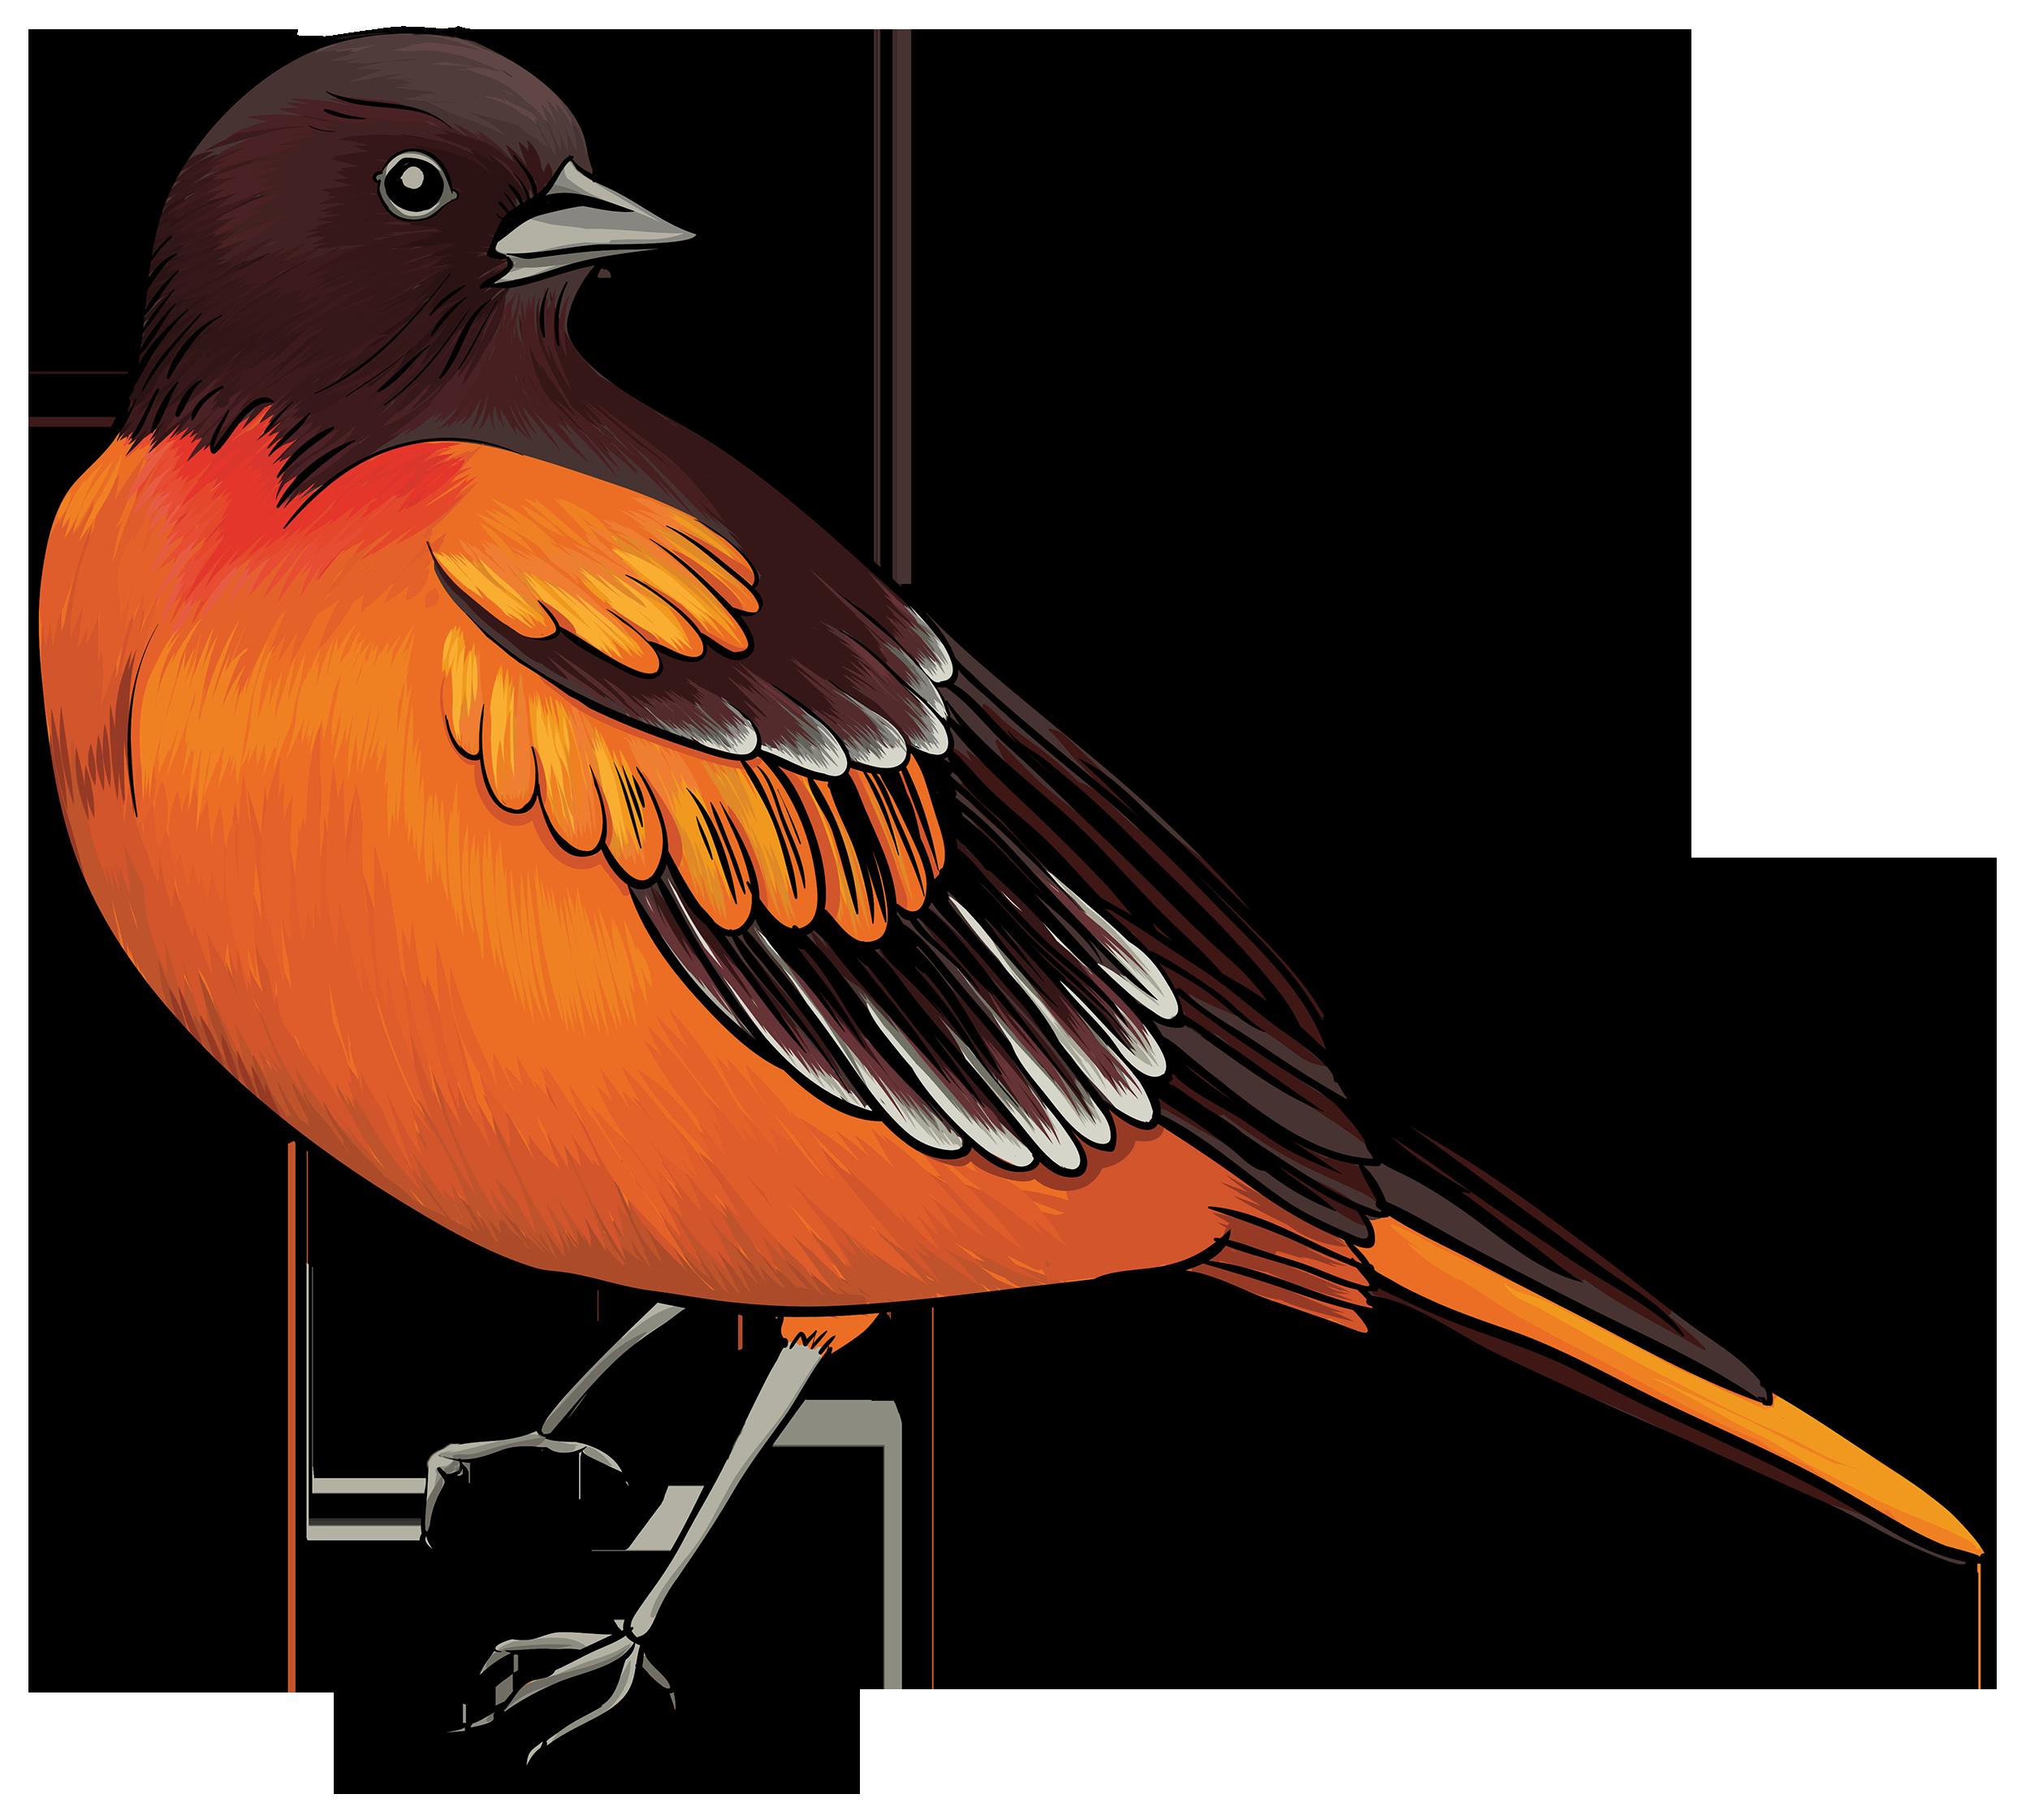 2500x2241 Orange Hummingbird Clipart, Explore Pictures